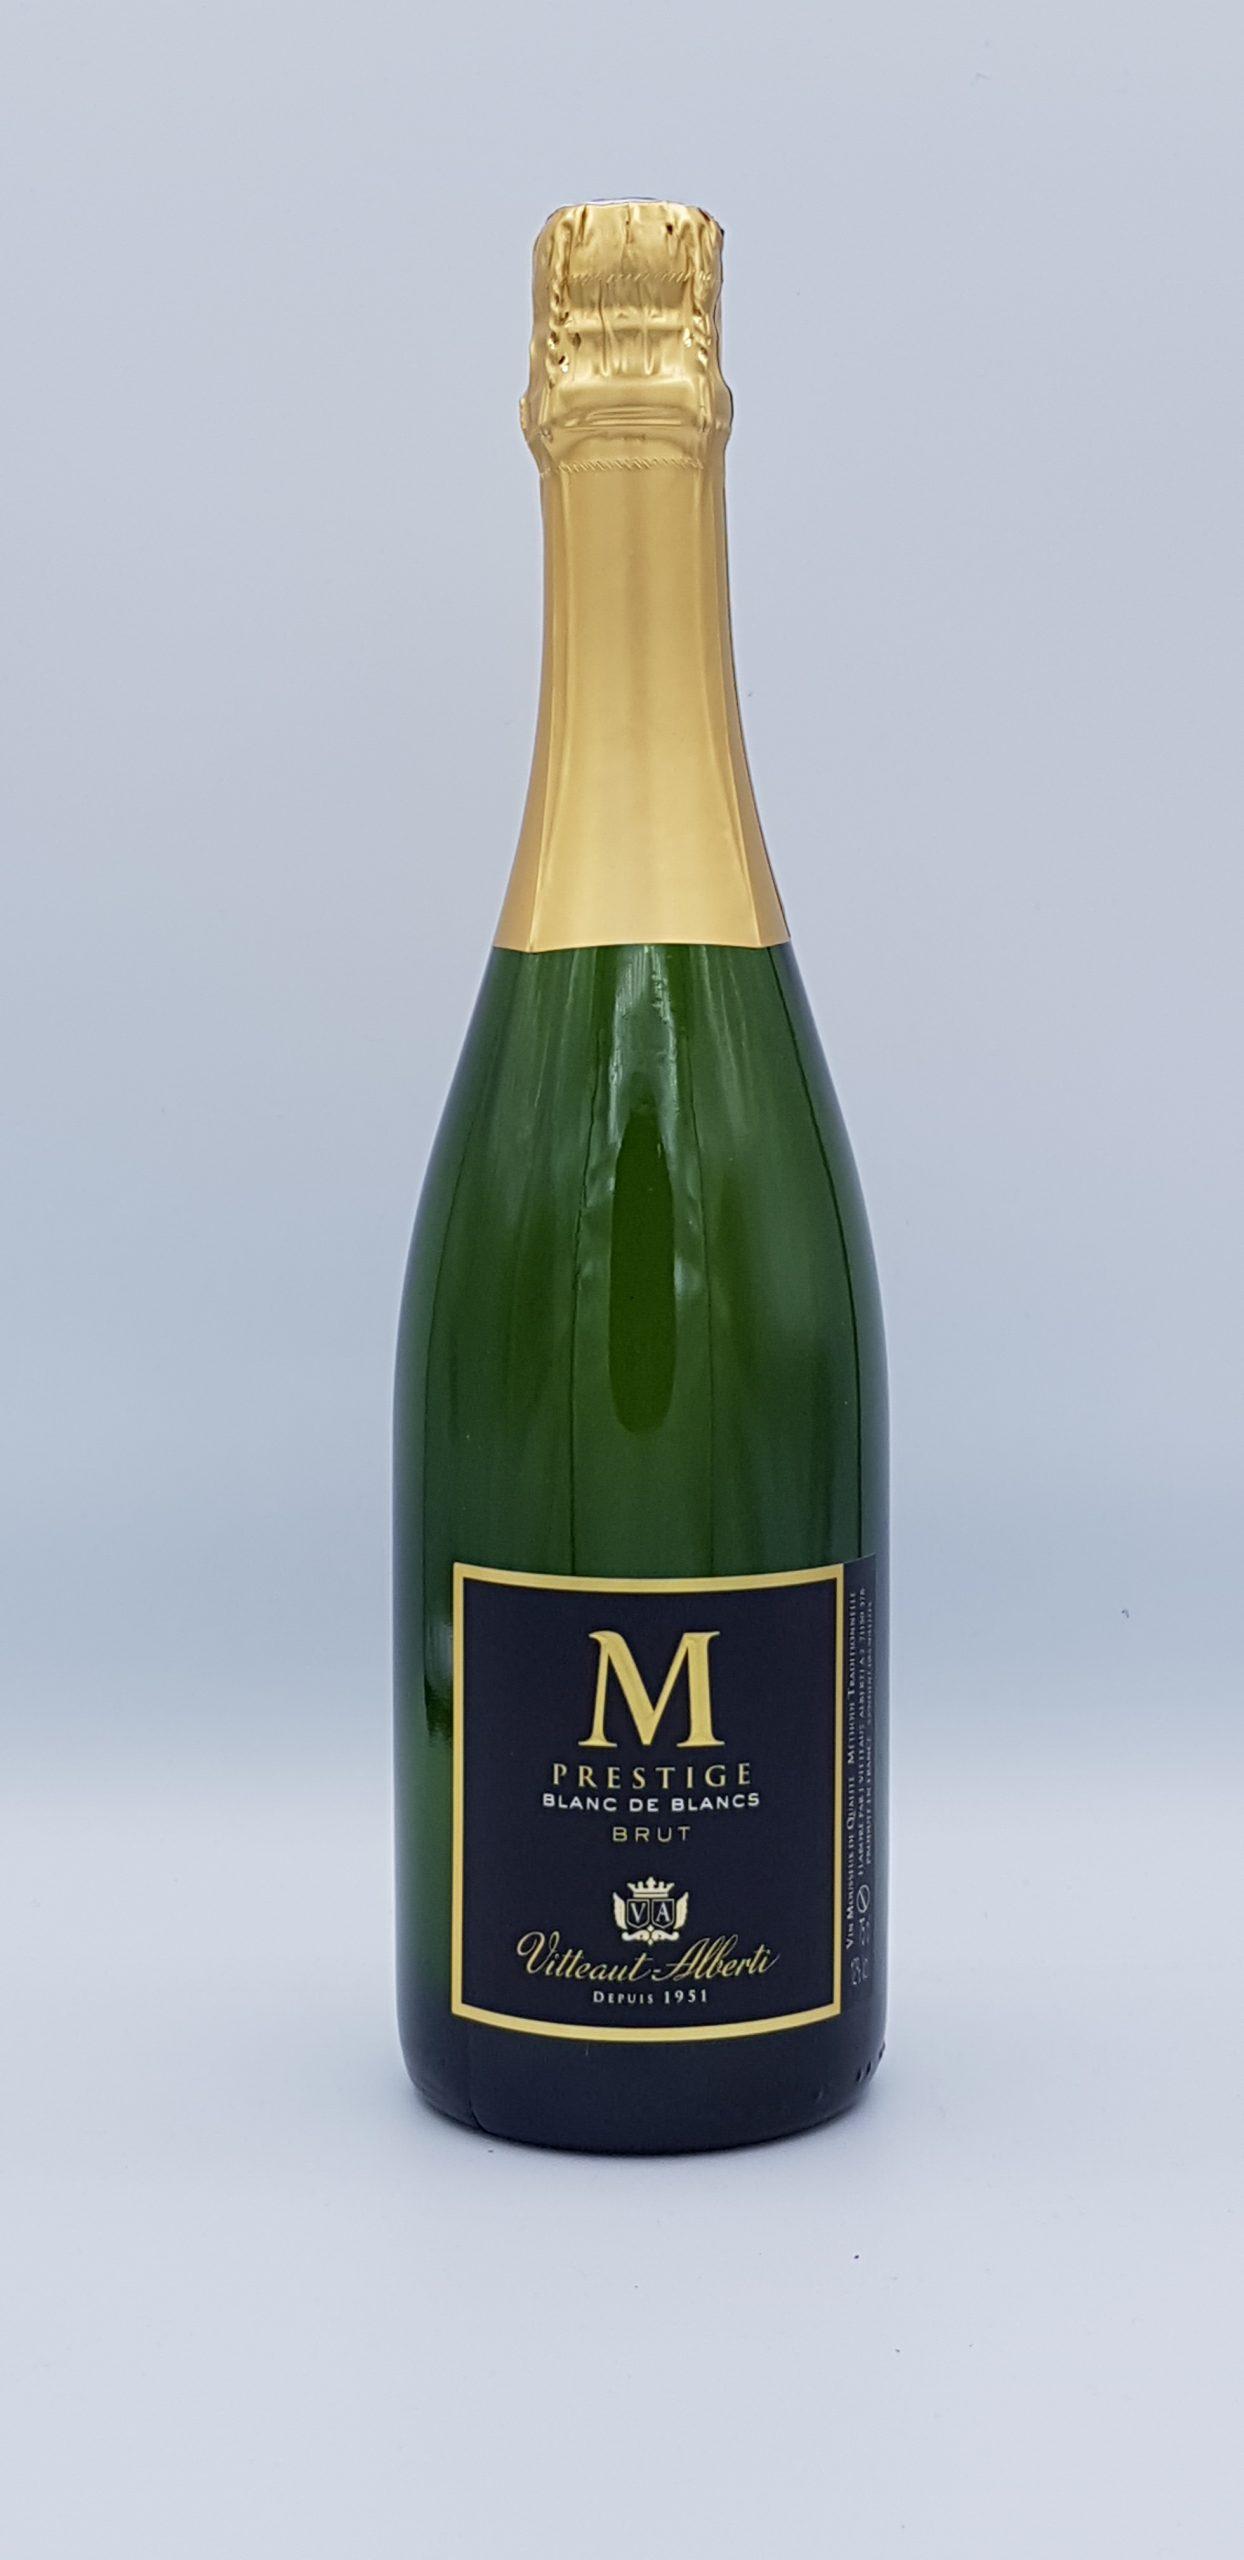 Bourgogne Methode Traditionnel Vitteaut Alberti